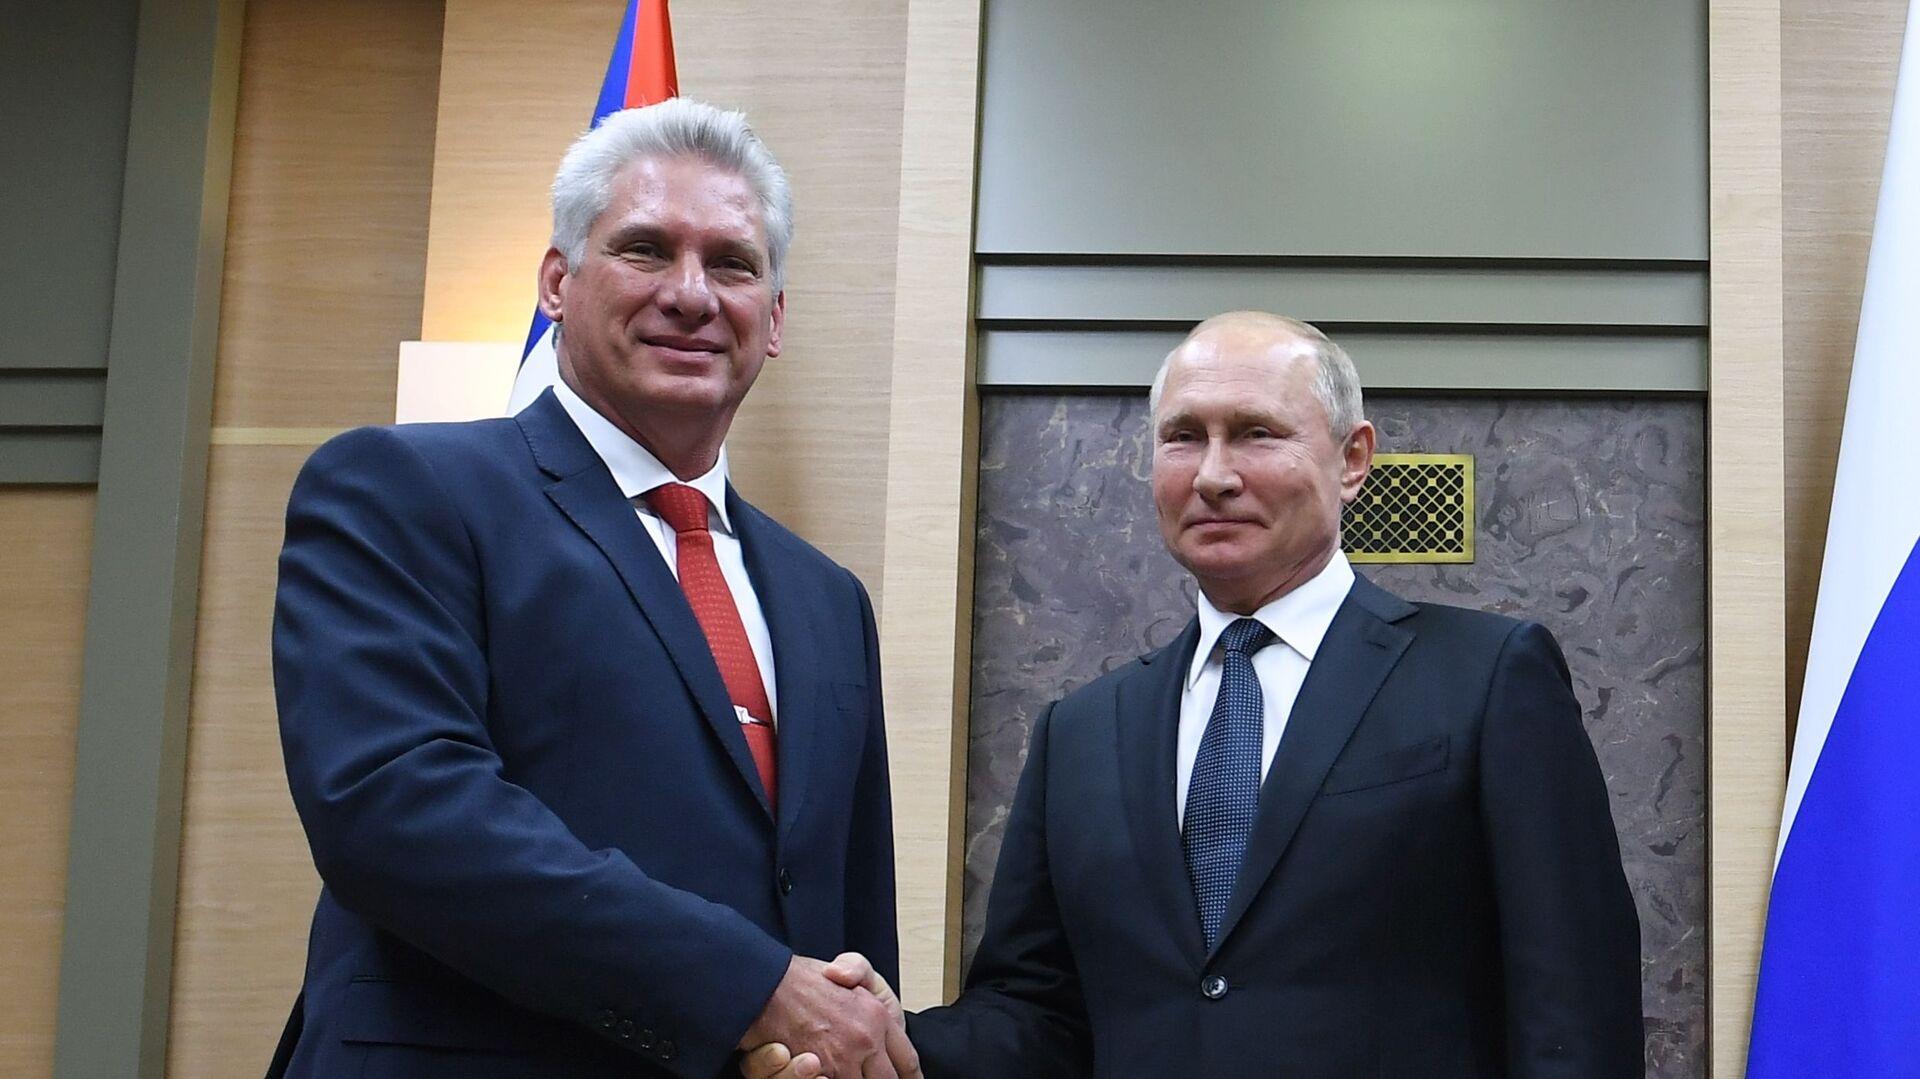 El presidente cubano, Miguel Díaz-Canel Bermúdez, y el presidente de Rusia, Vladímir Putin - Sputnik Mundo, 1920, 20.04.2021